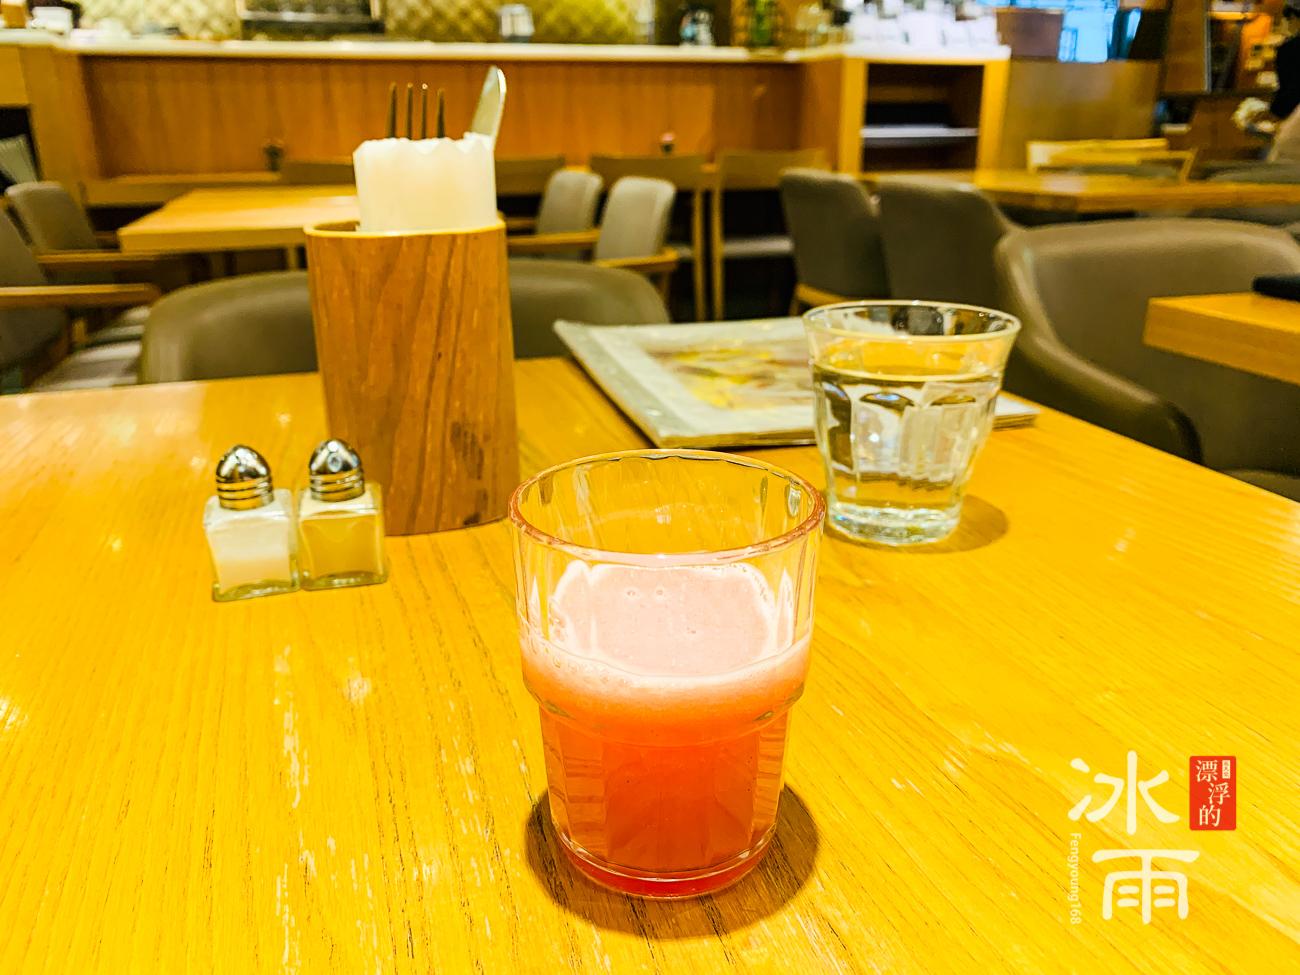 佐曼咖啡Jumane Cafe|餐前飲料